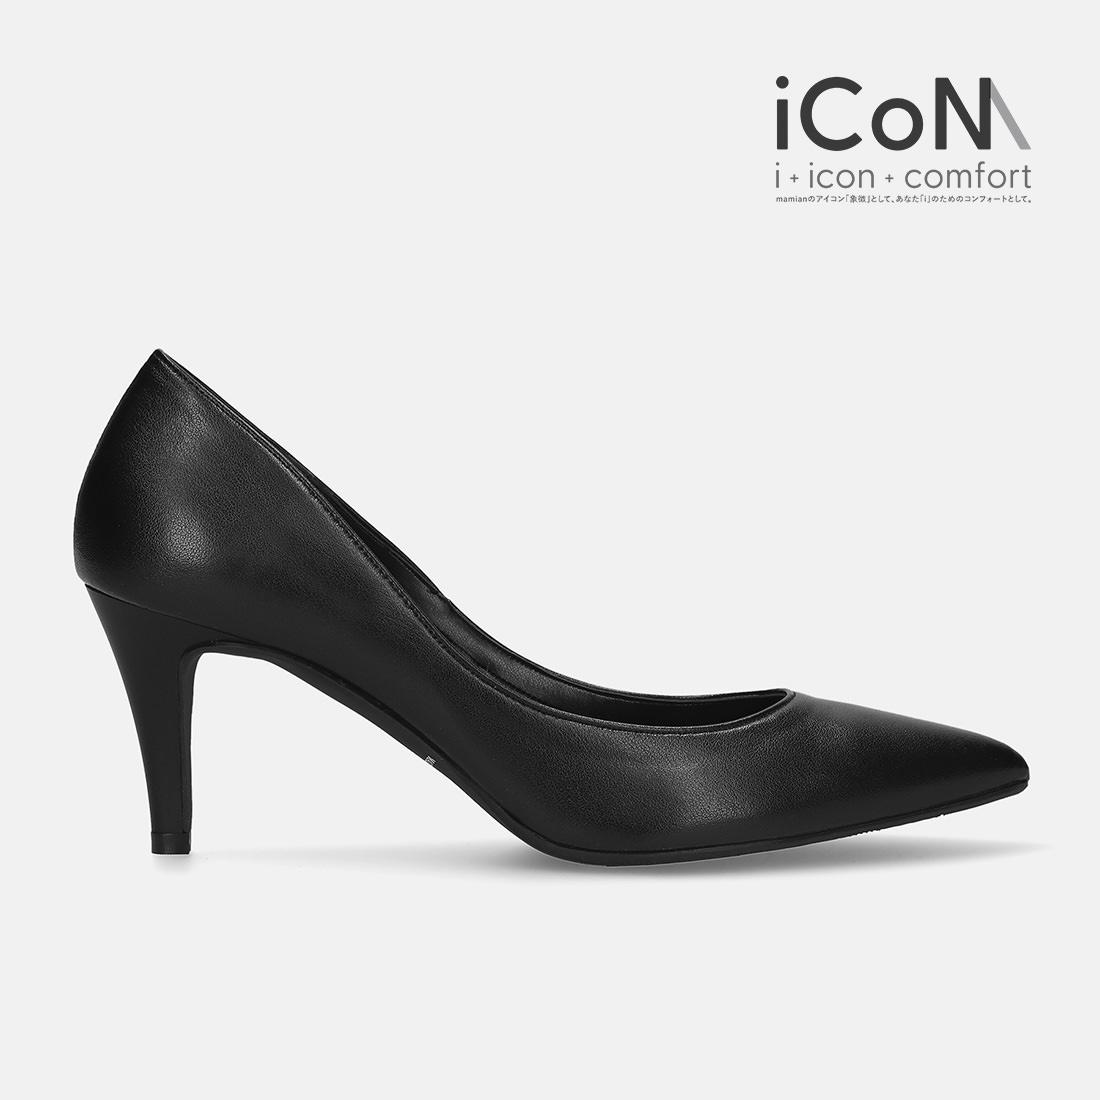 フォーマルパンプスアイコンベーシックパンプス:履きやすさと美脚に魅せるシルエットを両立したマミアンの定番コンフォートパンプス レディース靴 10%OFF:期間限定SALE 新作販売 美脚フォーマルパンプス 足が痛くない なりにくい 7cmヒールポインテッドトゥパンプス 日本製 流行 21.5cm~25.0cm 冠婚葬祭 BASIC 7203BC 70P レディース iCoN フォーマルパンプスアイコンベーシック